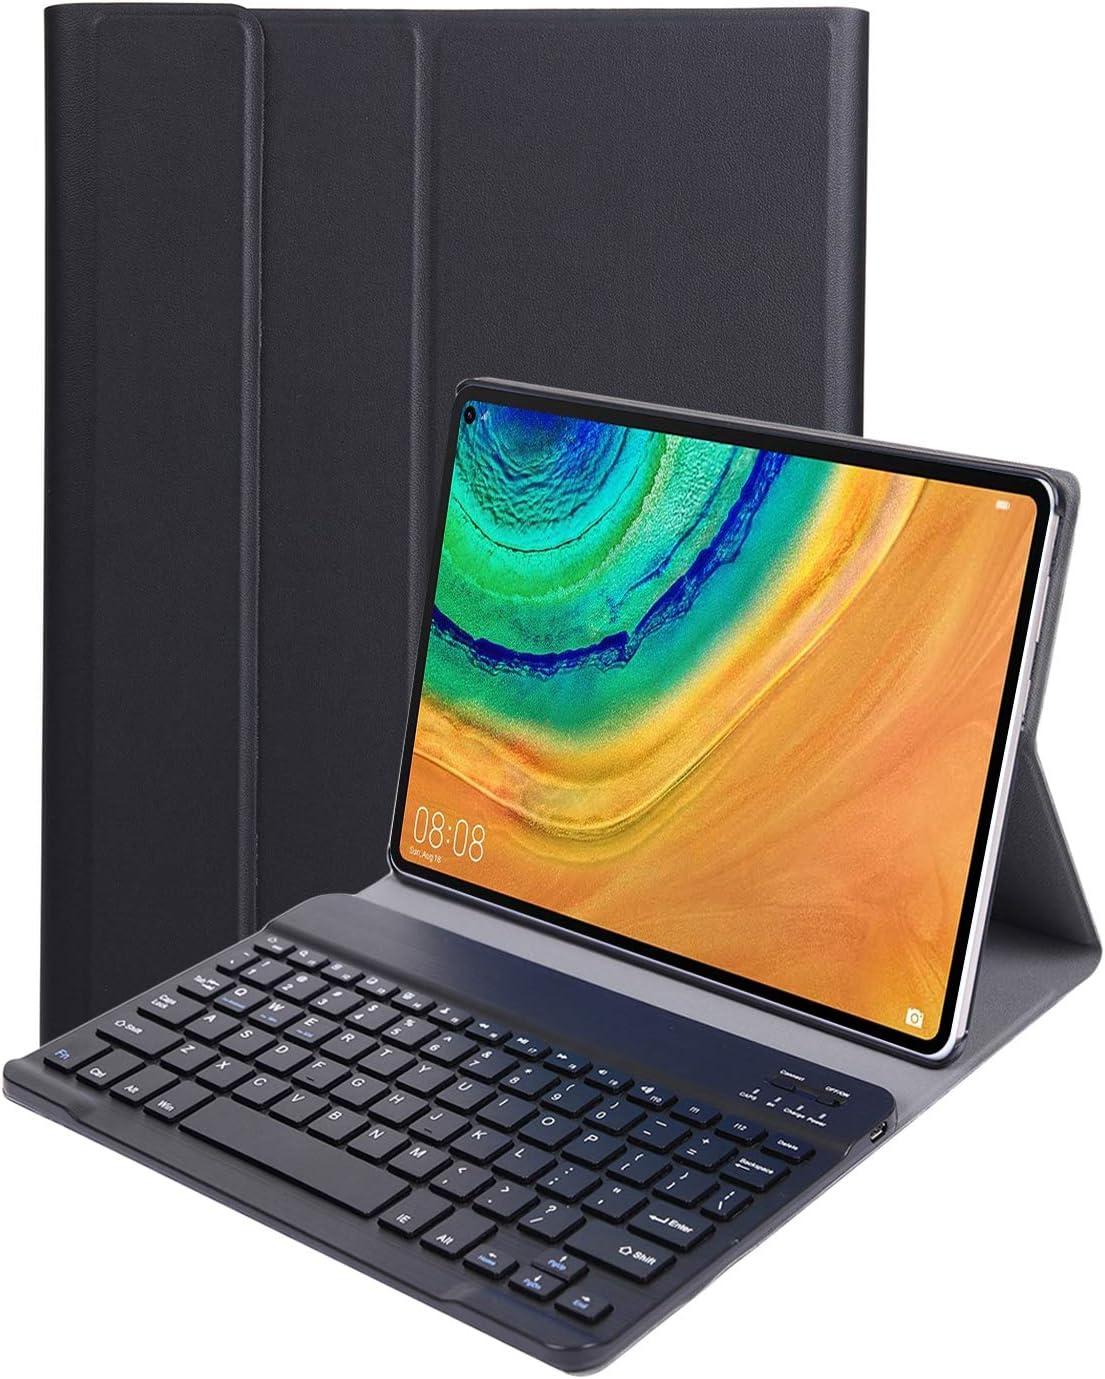 Rose Or QWERTY Anglais YGoal Clavier Coque pour Huawei MatePad Pro, Haute Qualit/é PU Cuir Housse /Étui avec D/étachable sans Fil Clavier pour Huawei MatePad Pro